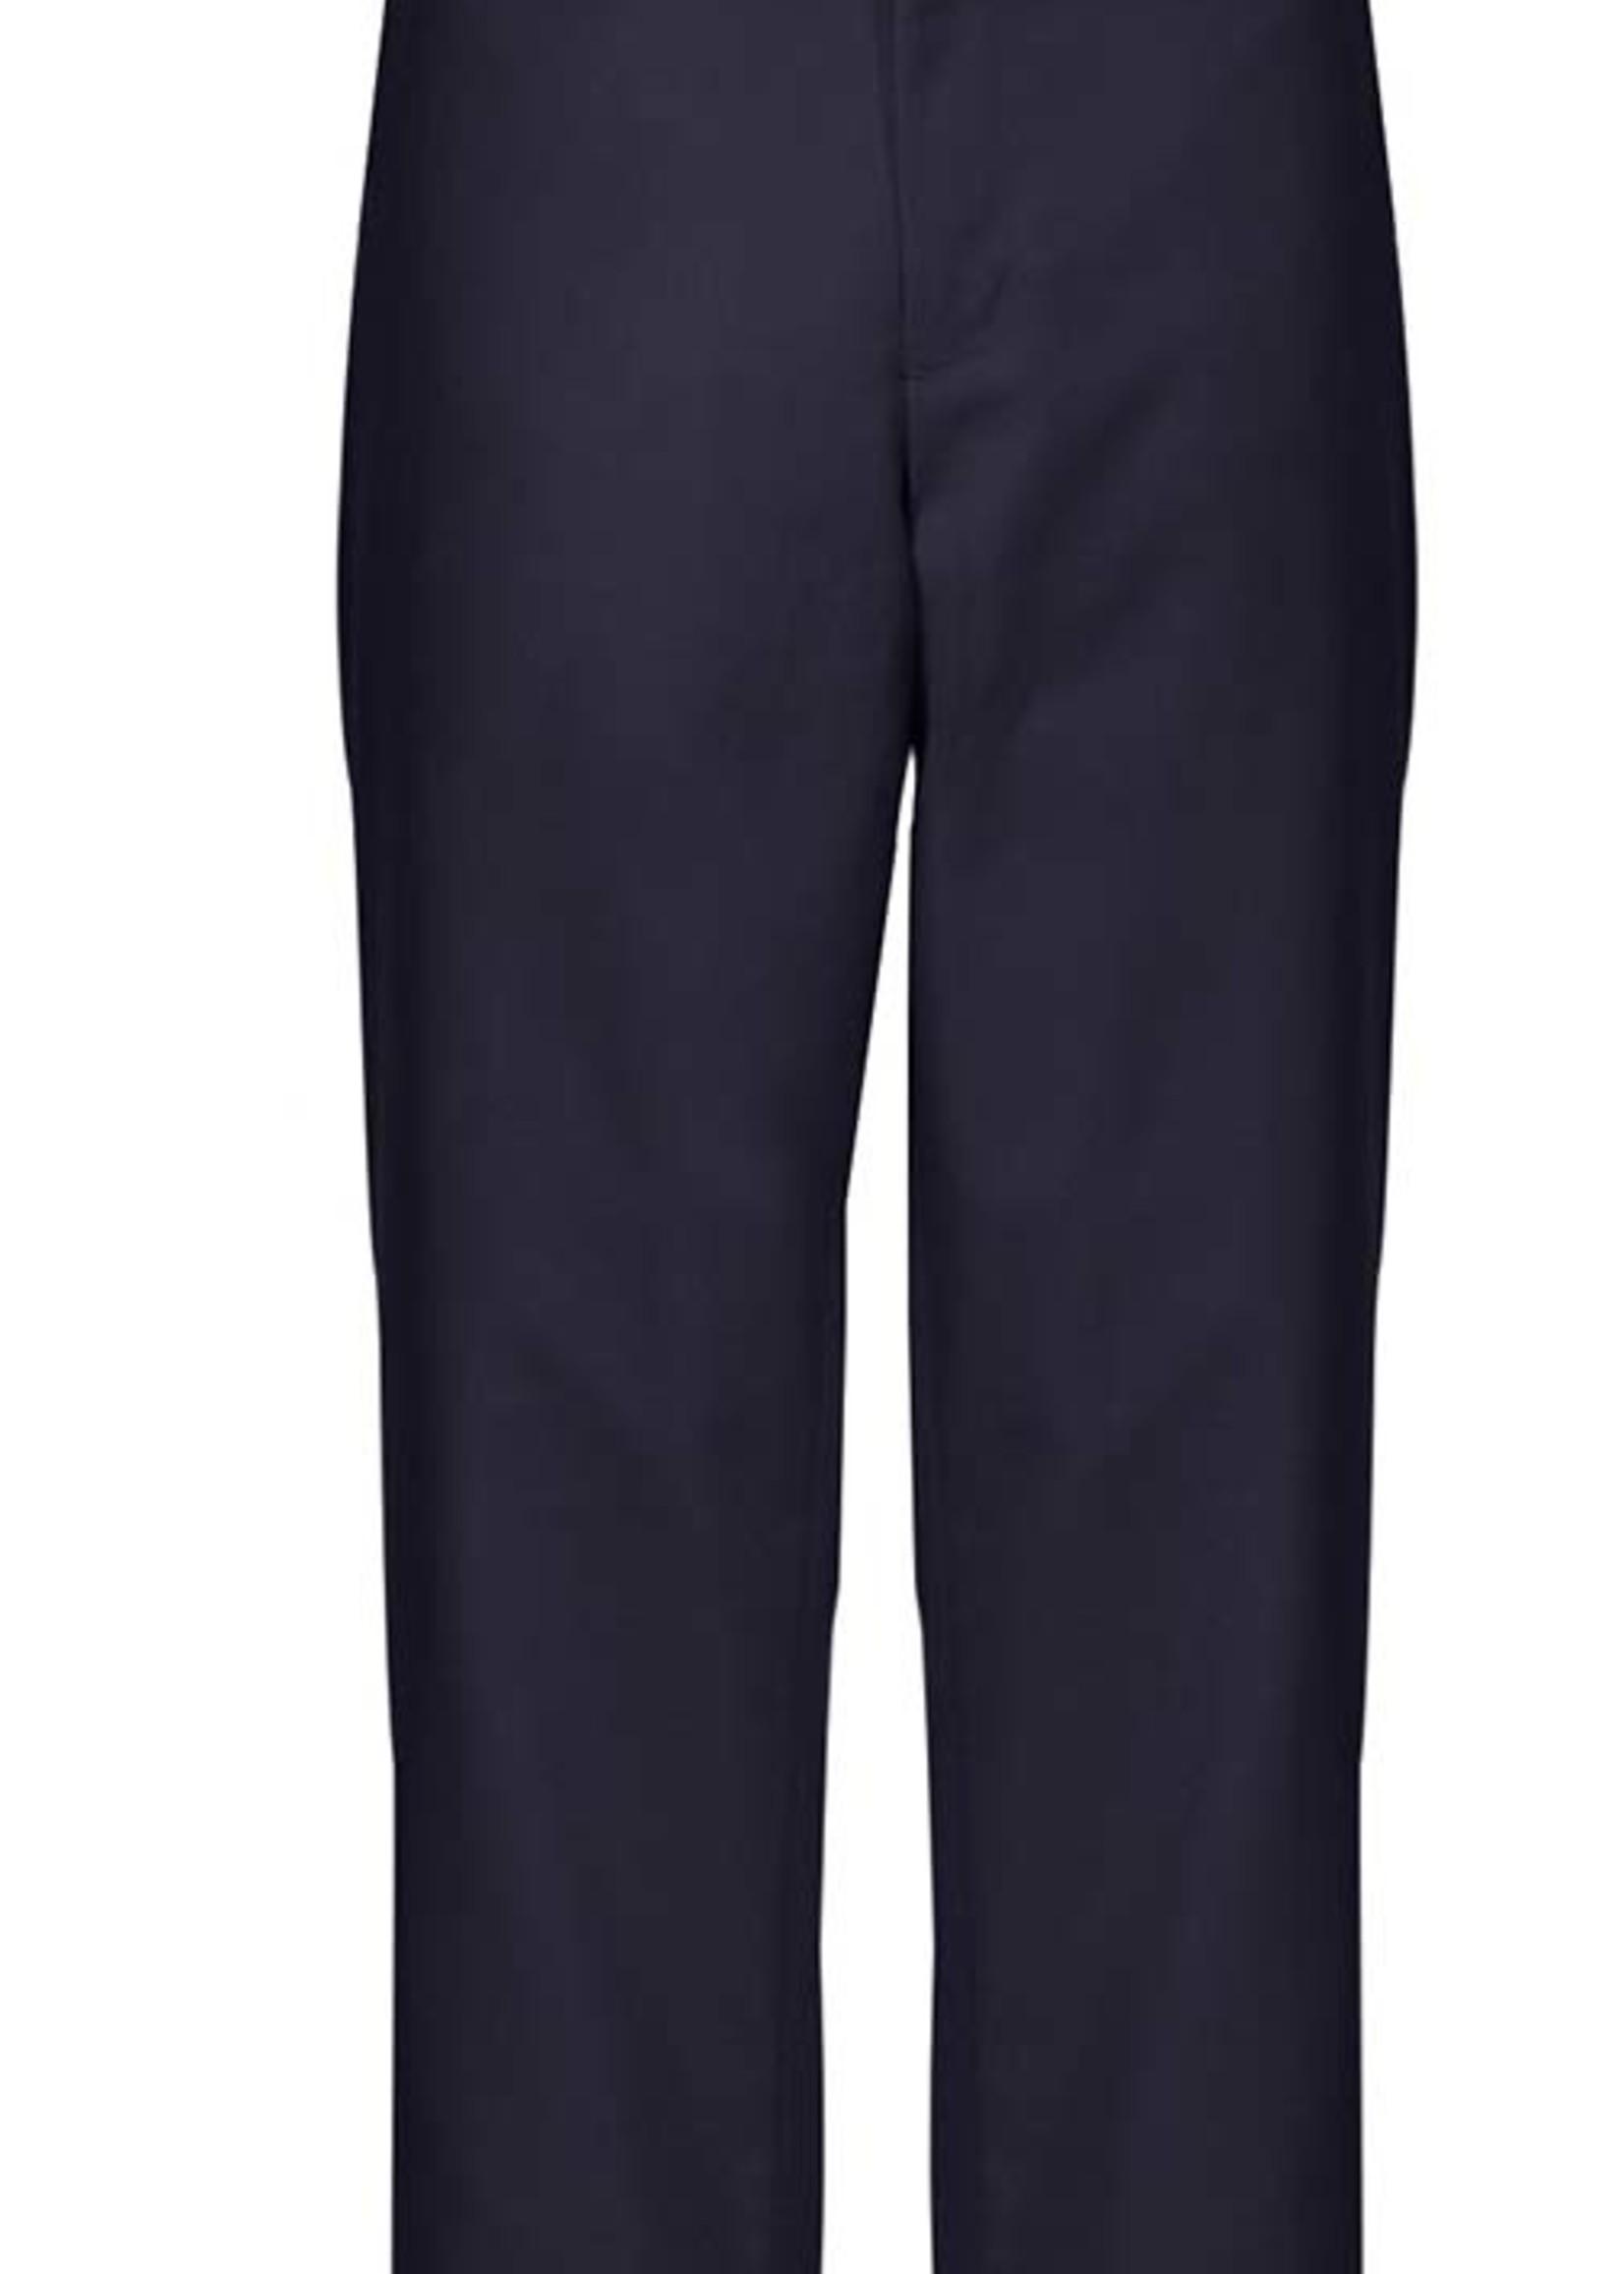 A+ Boys Flat Front Pants (KN)